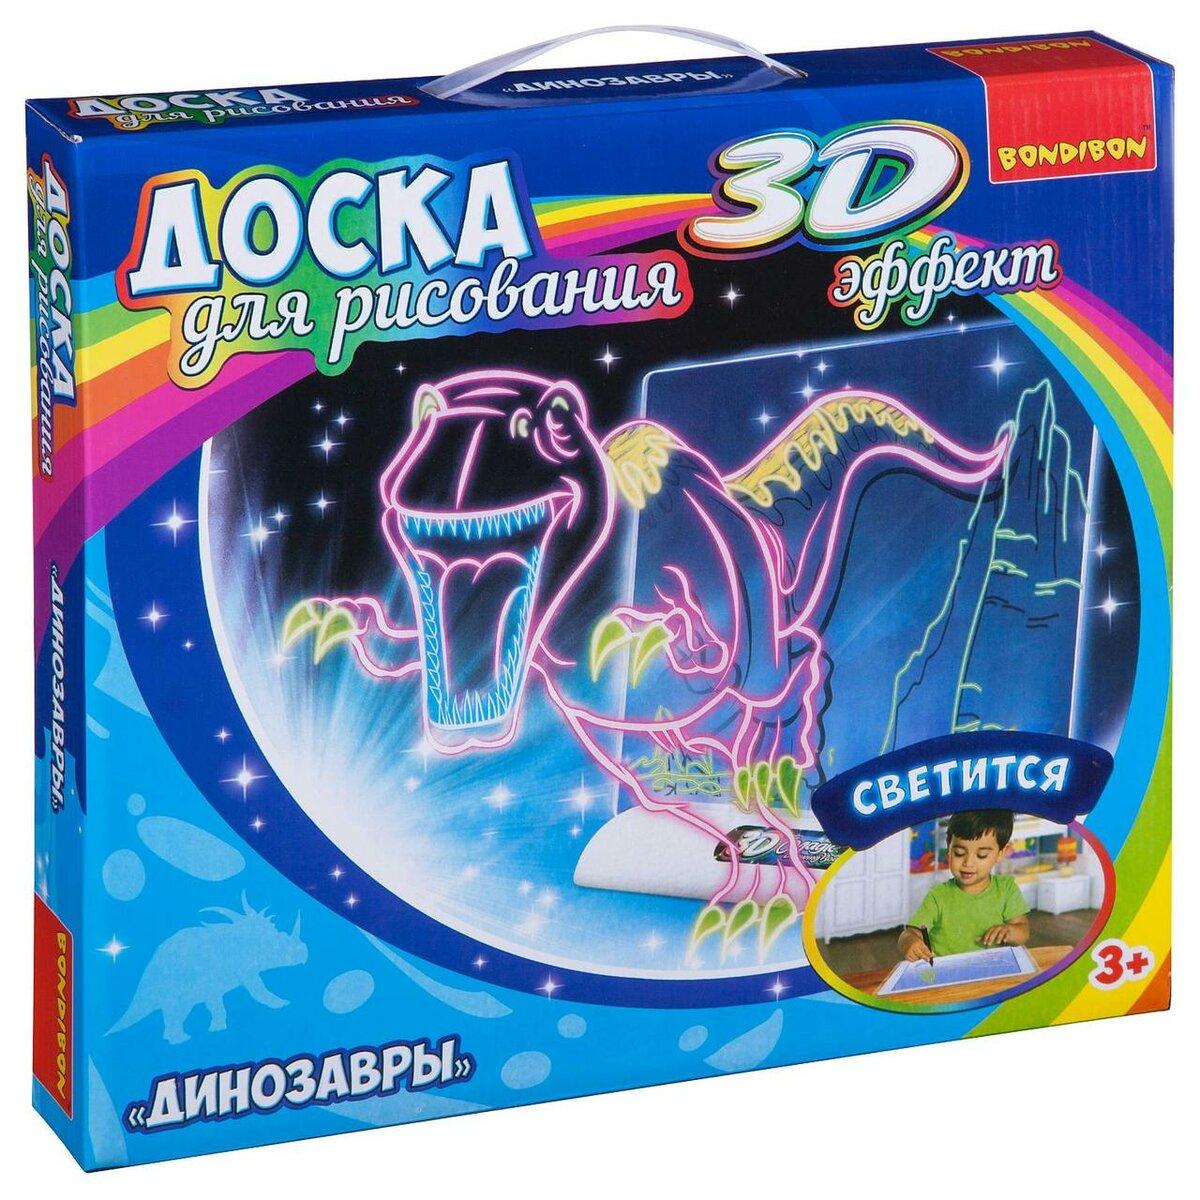 Доска для Рисования 3D во Владикавказе